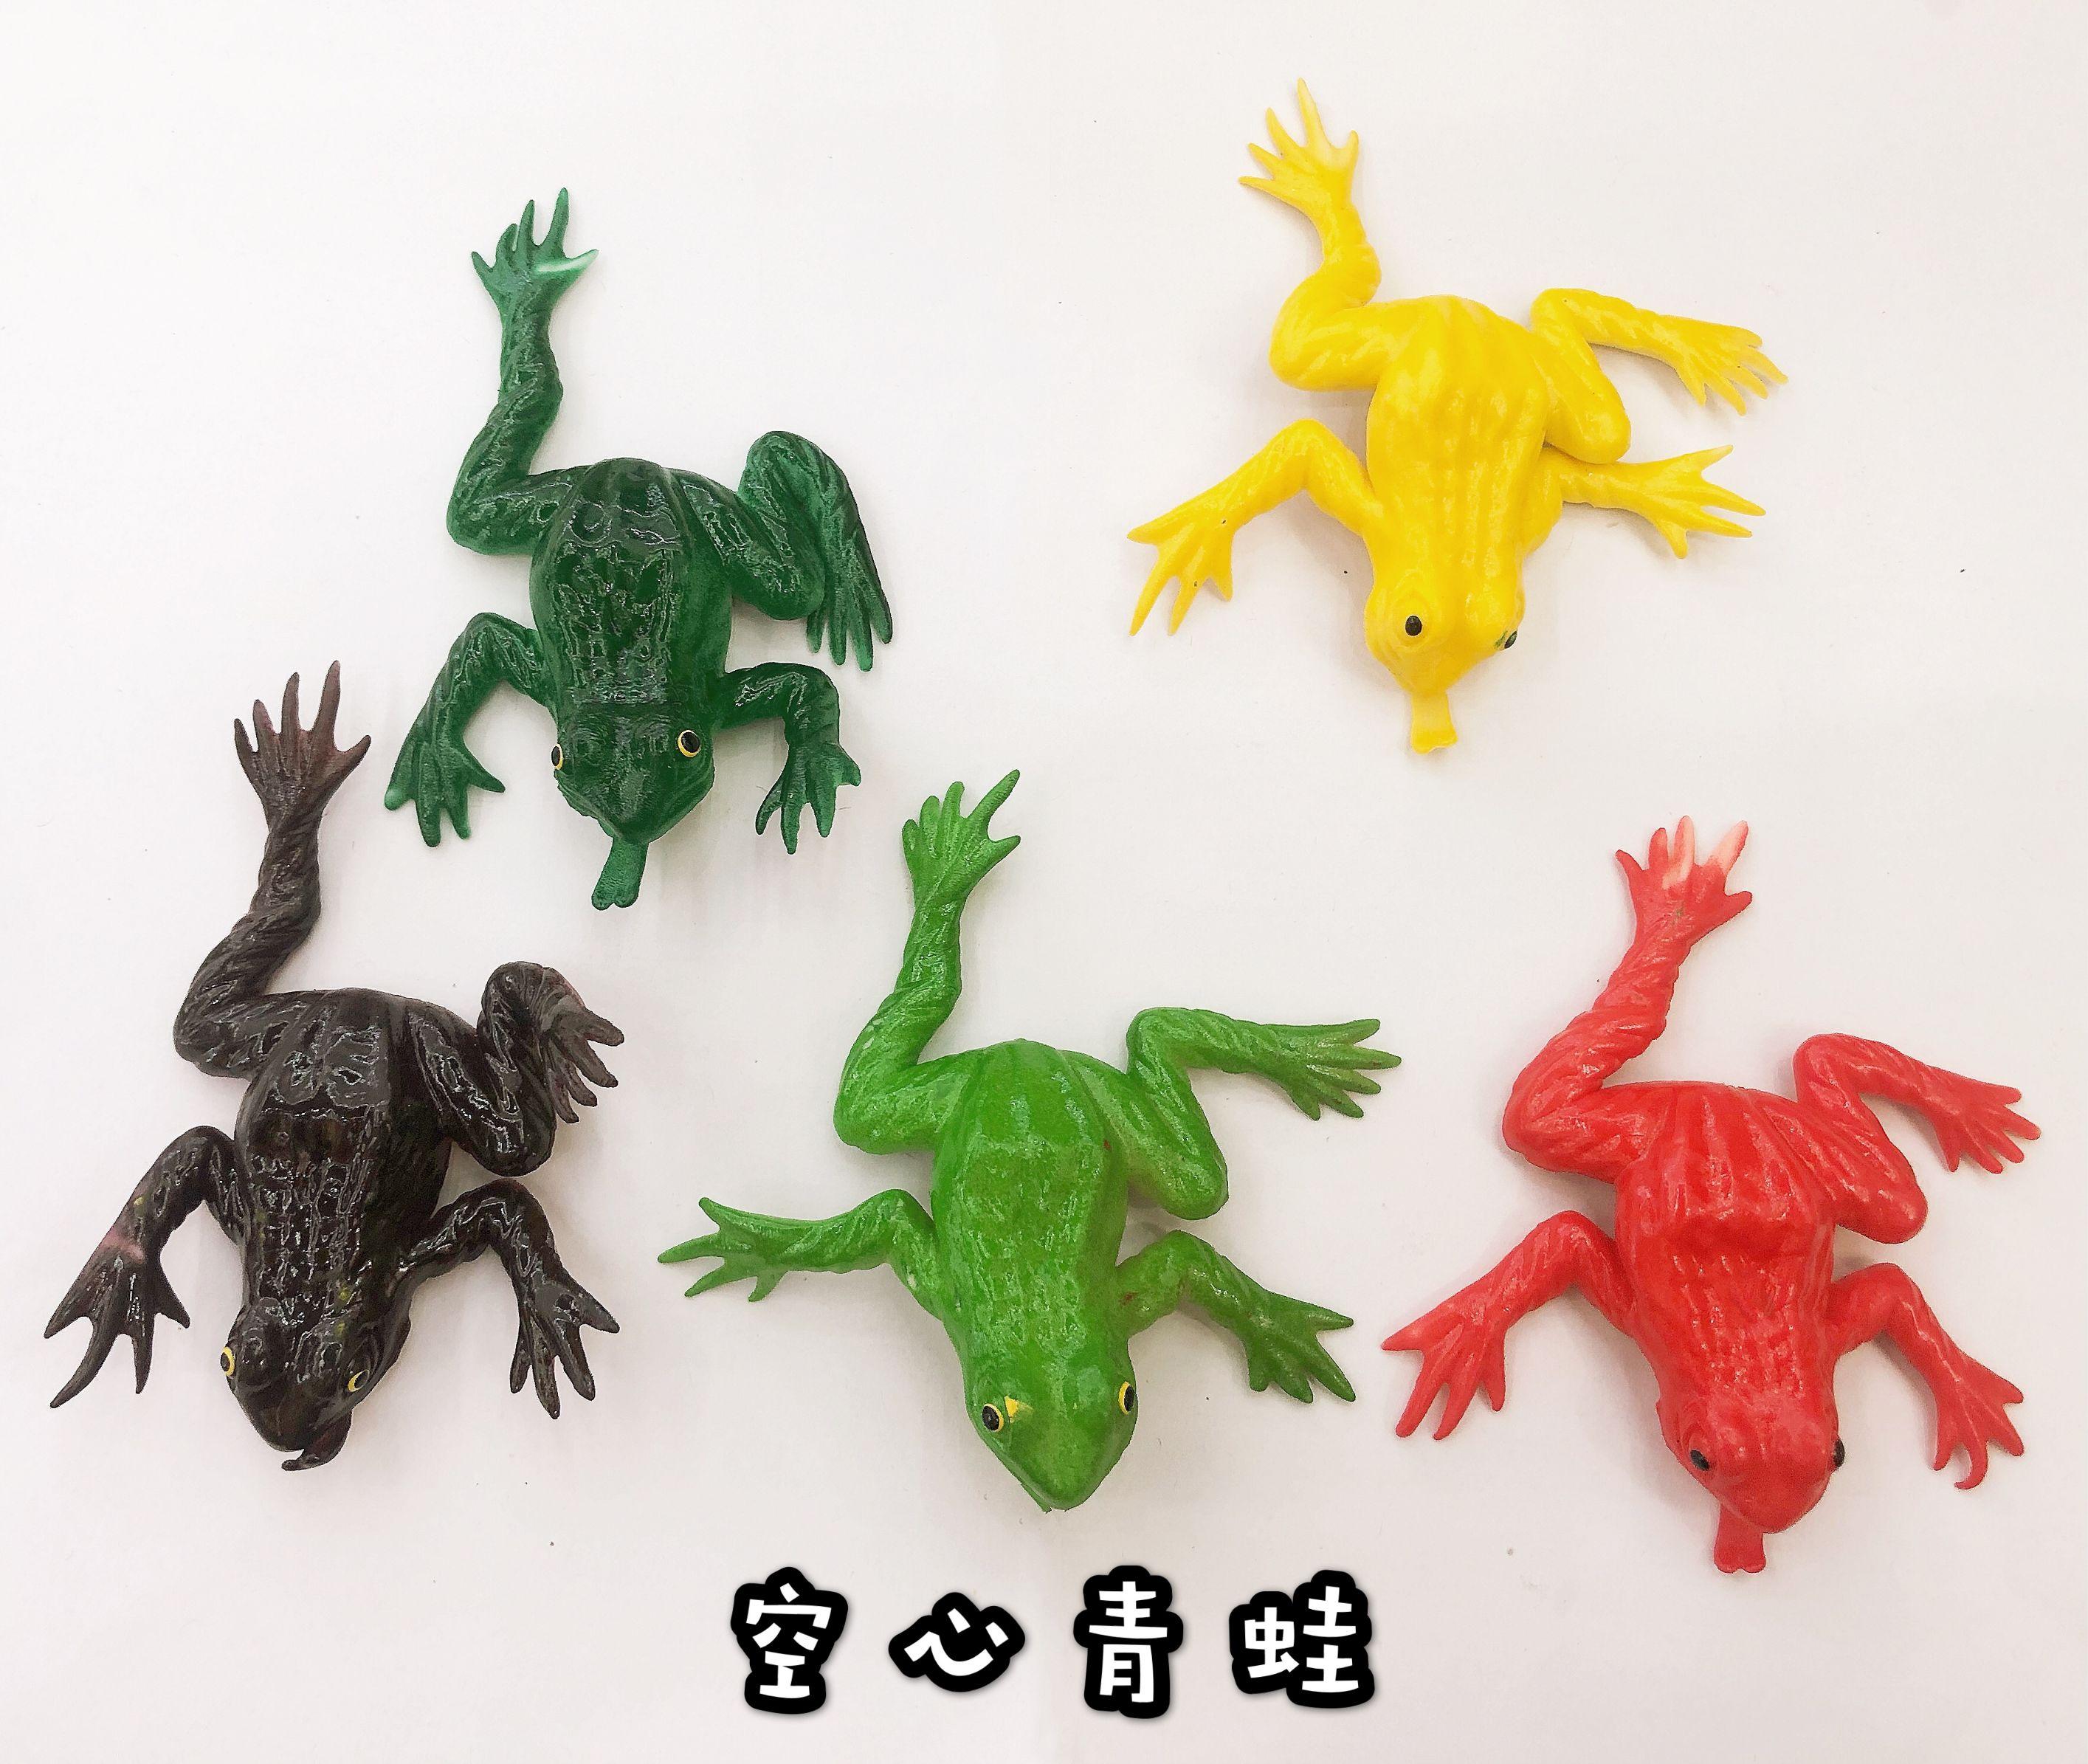 仿真软胶小青蛙 空心 儿童玩具 环保tpr材料 厂家直销 来样定做